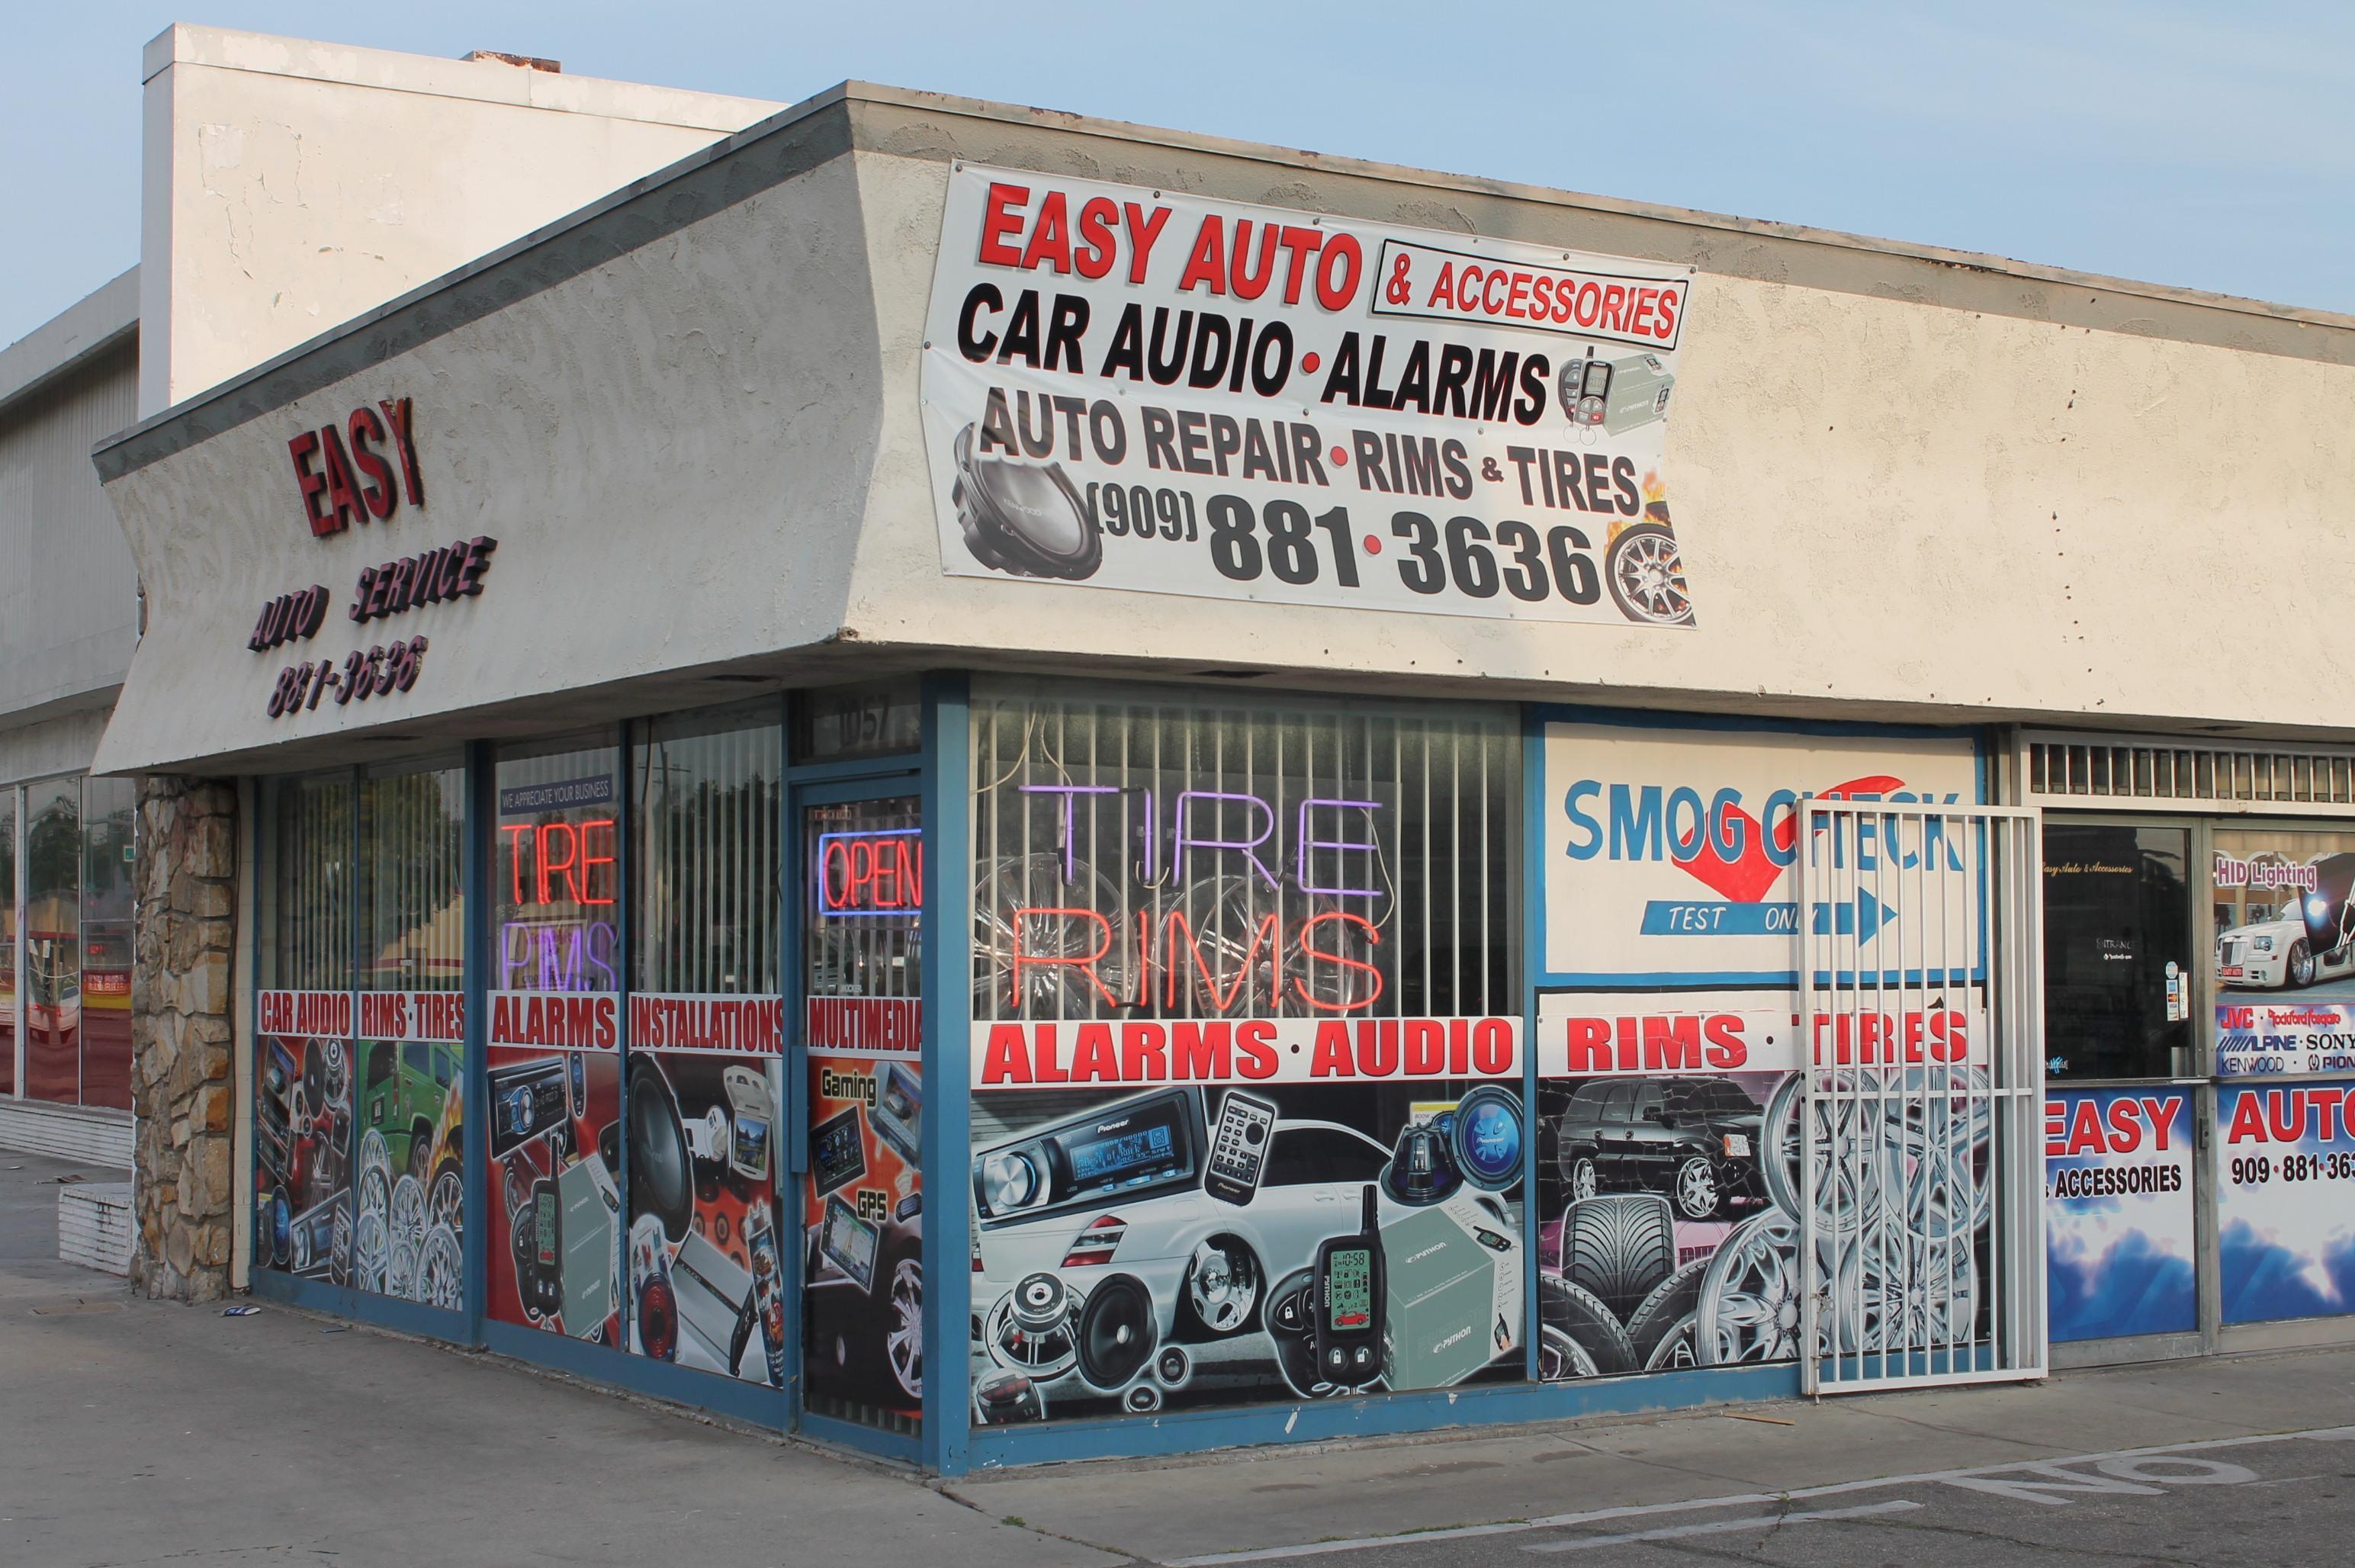 Easy Auto & accessories